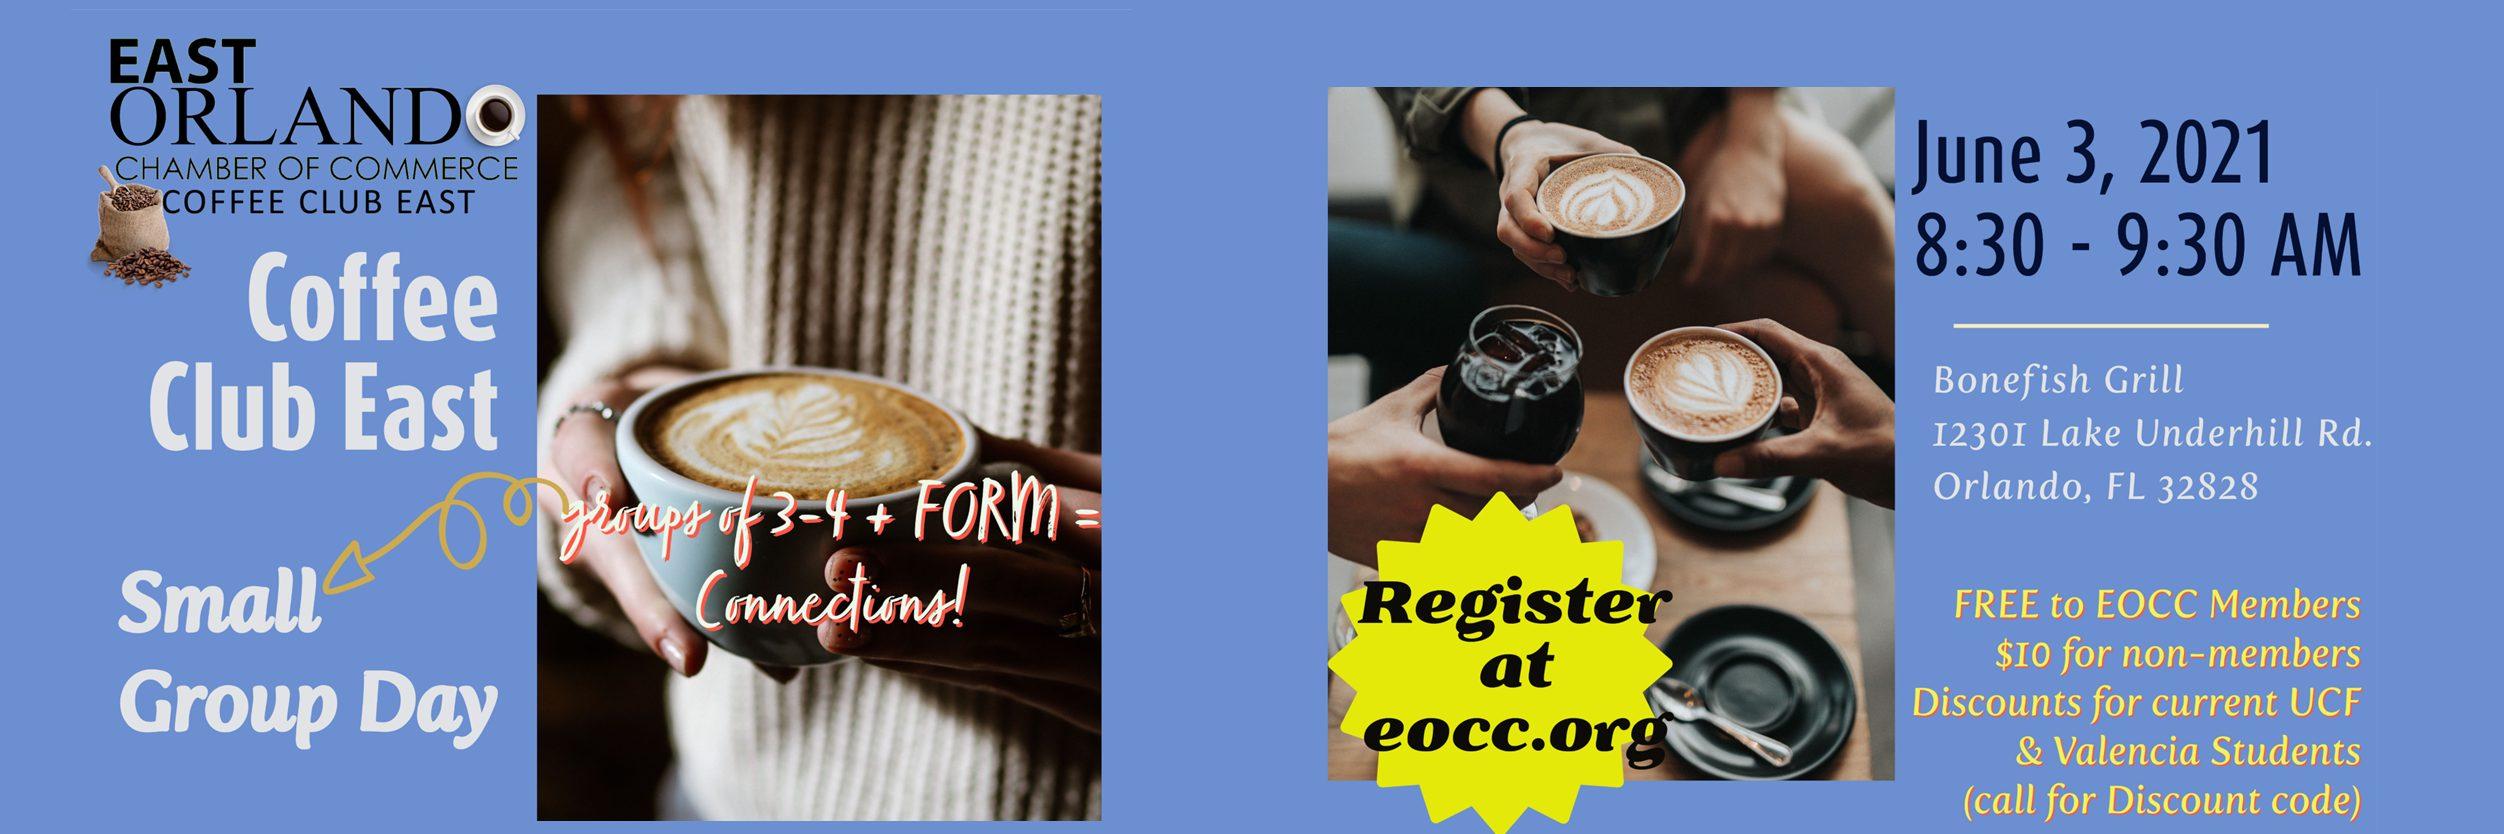 Coffee club East June 2021